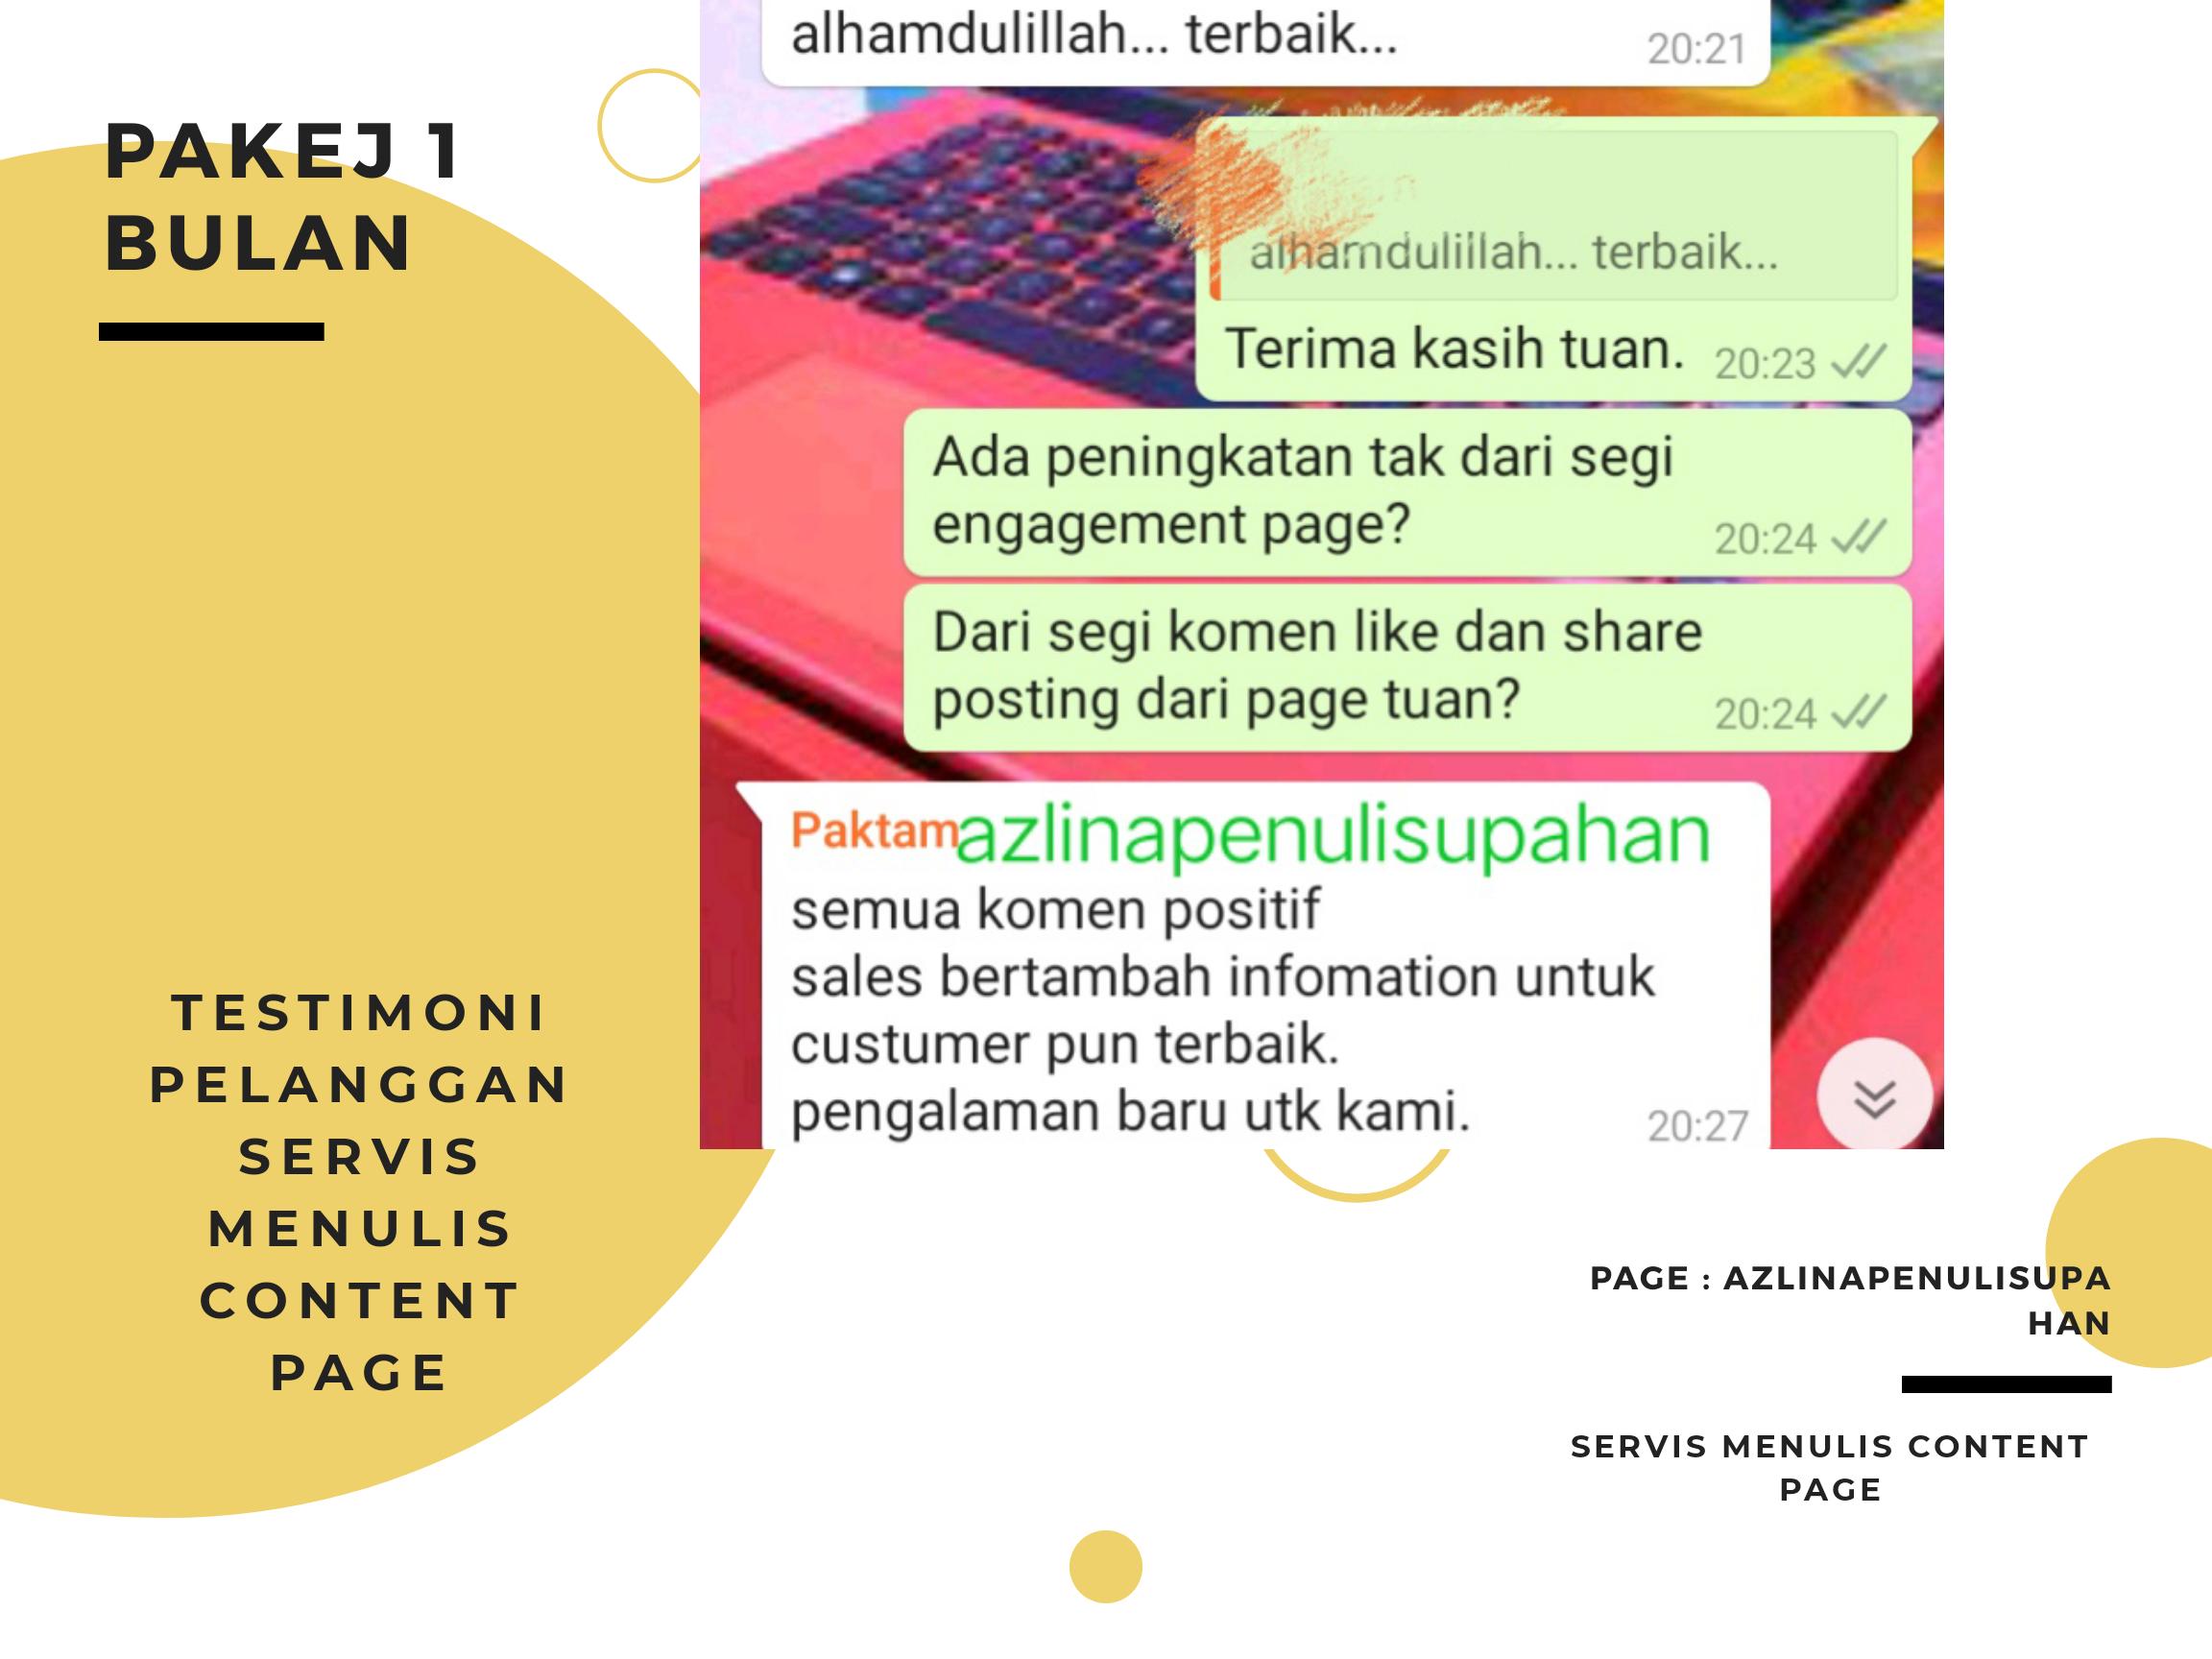 Testimoni servis upah menulis content page